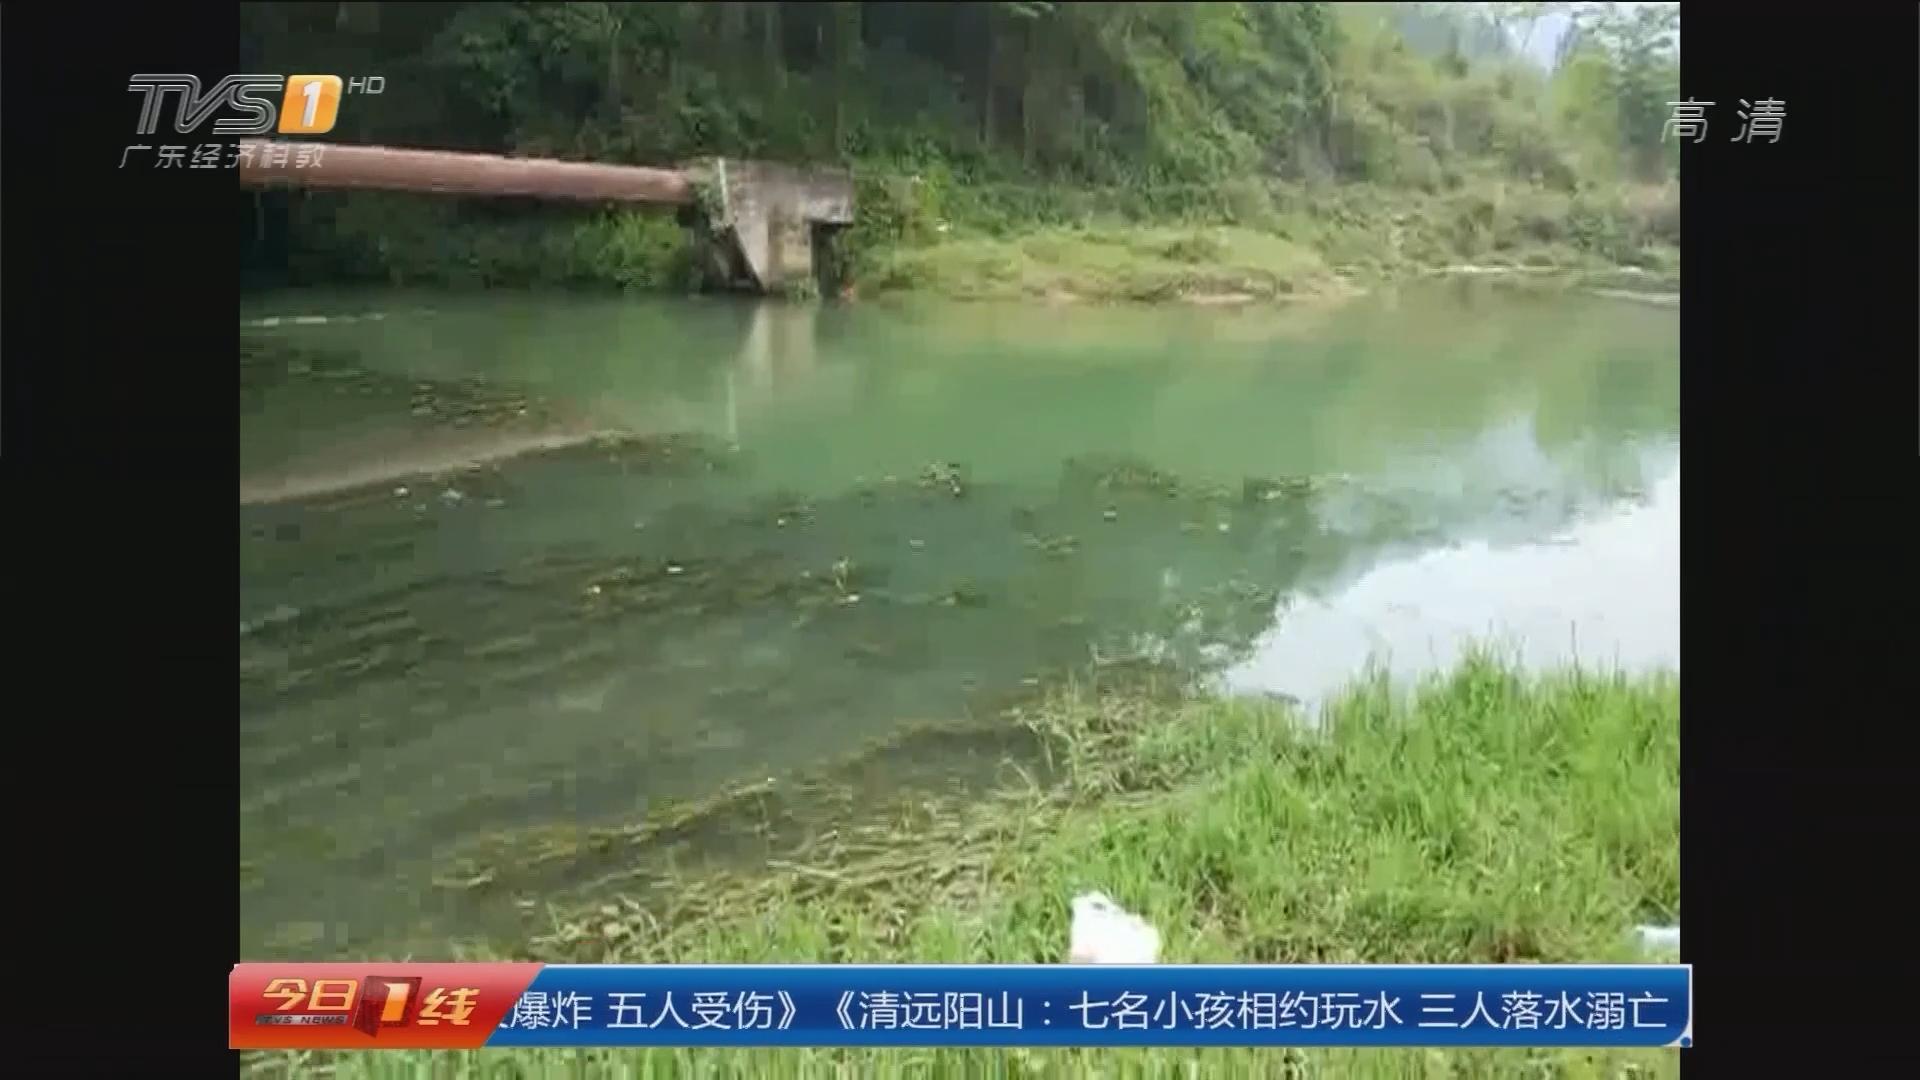 清远阳山:七个小孩相约玩水 三人落水溺亡!